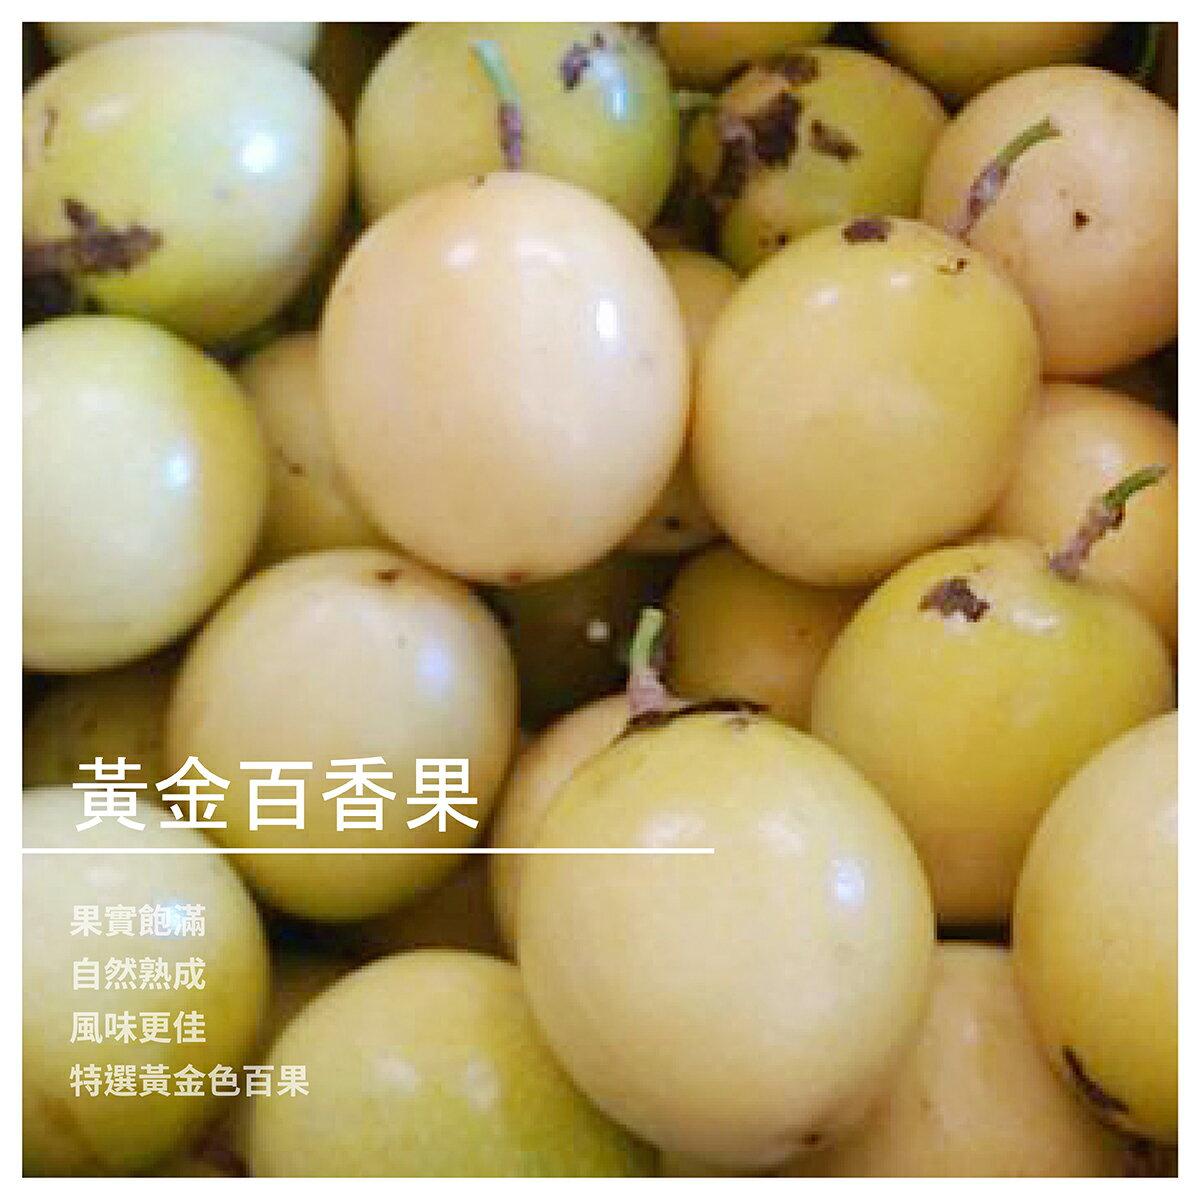 【一心百香果】黃金百香果/5斤裝